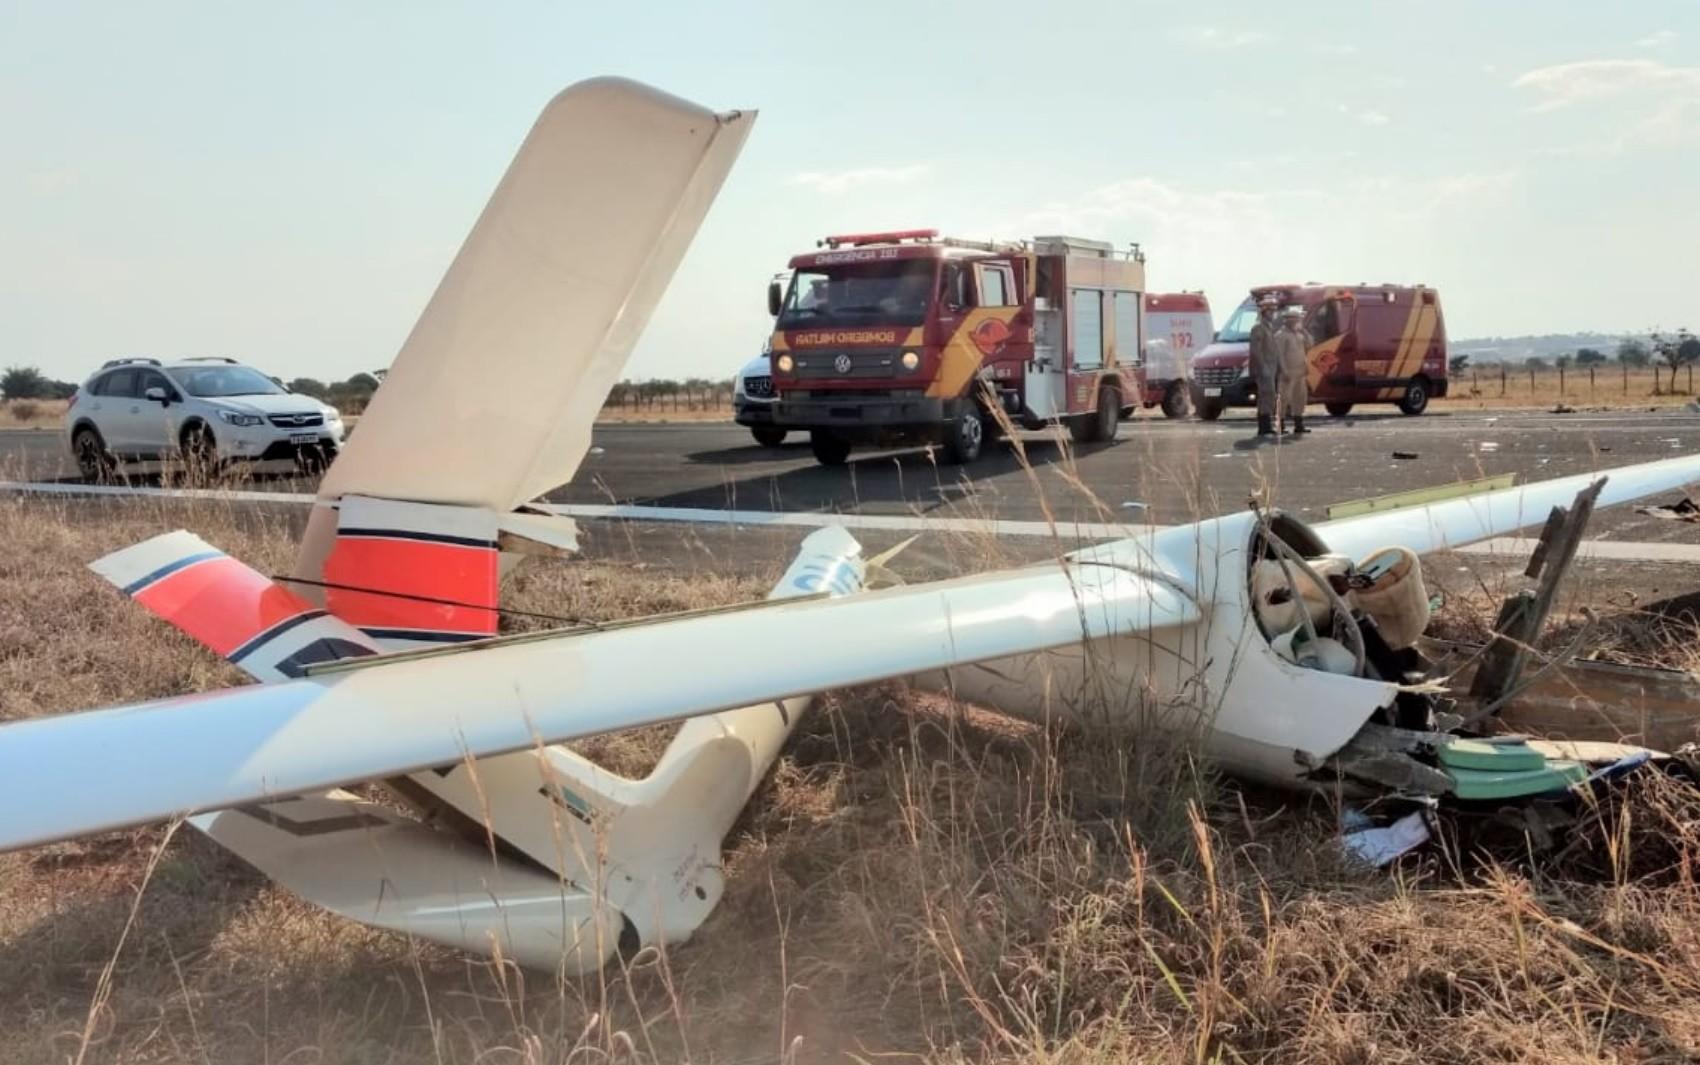 Idoso morre em queda de avião, em Formosa